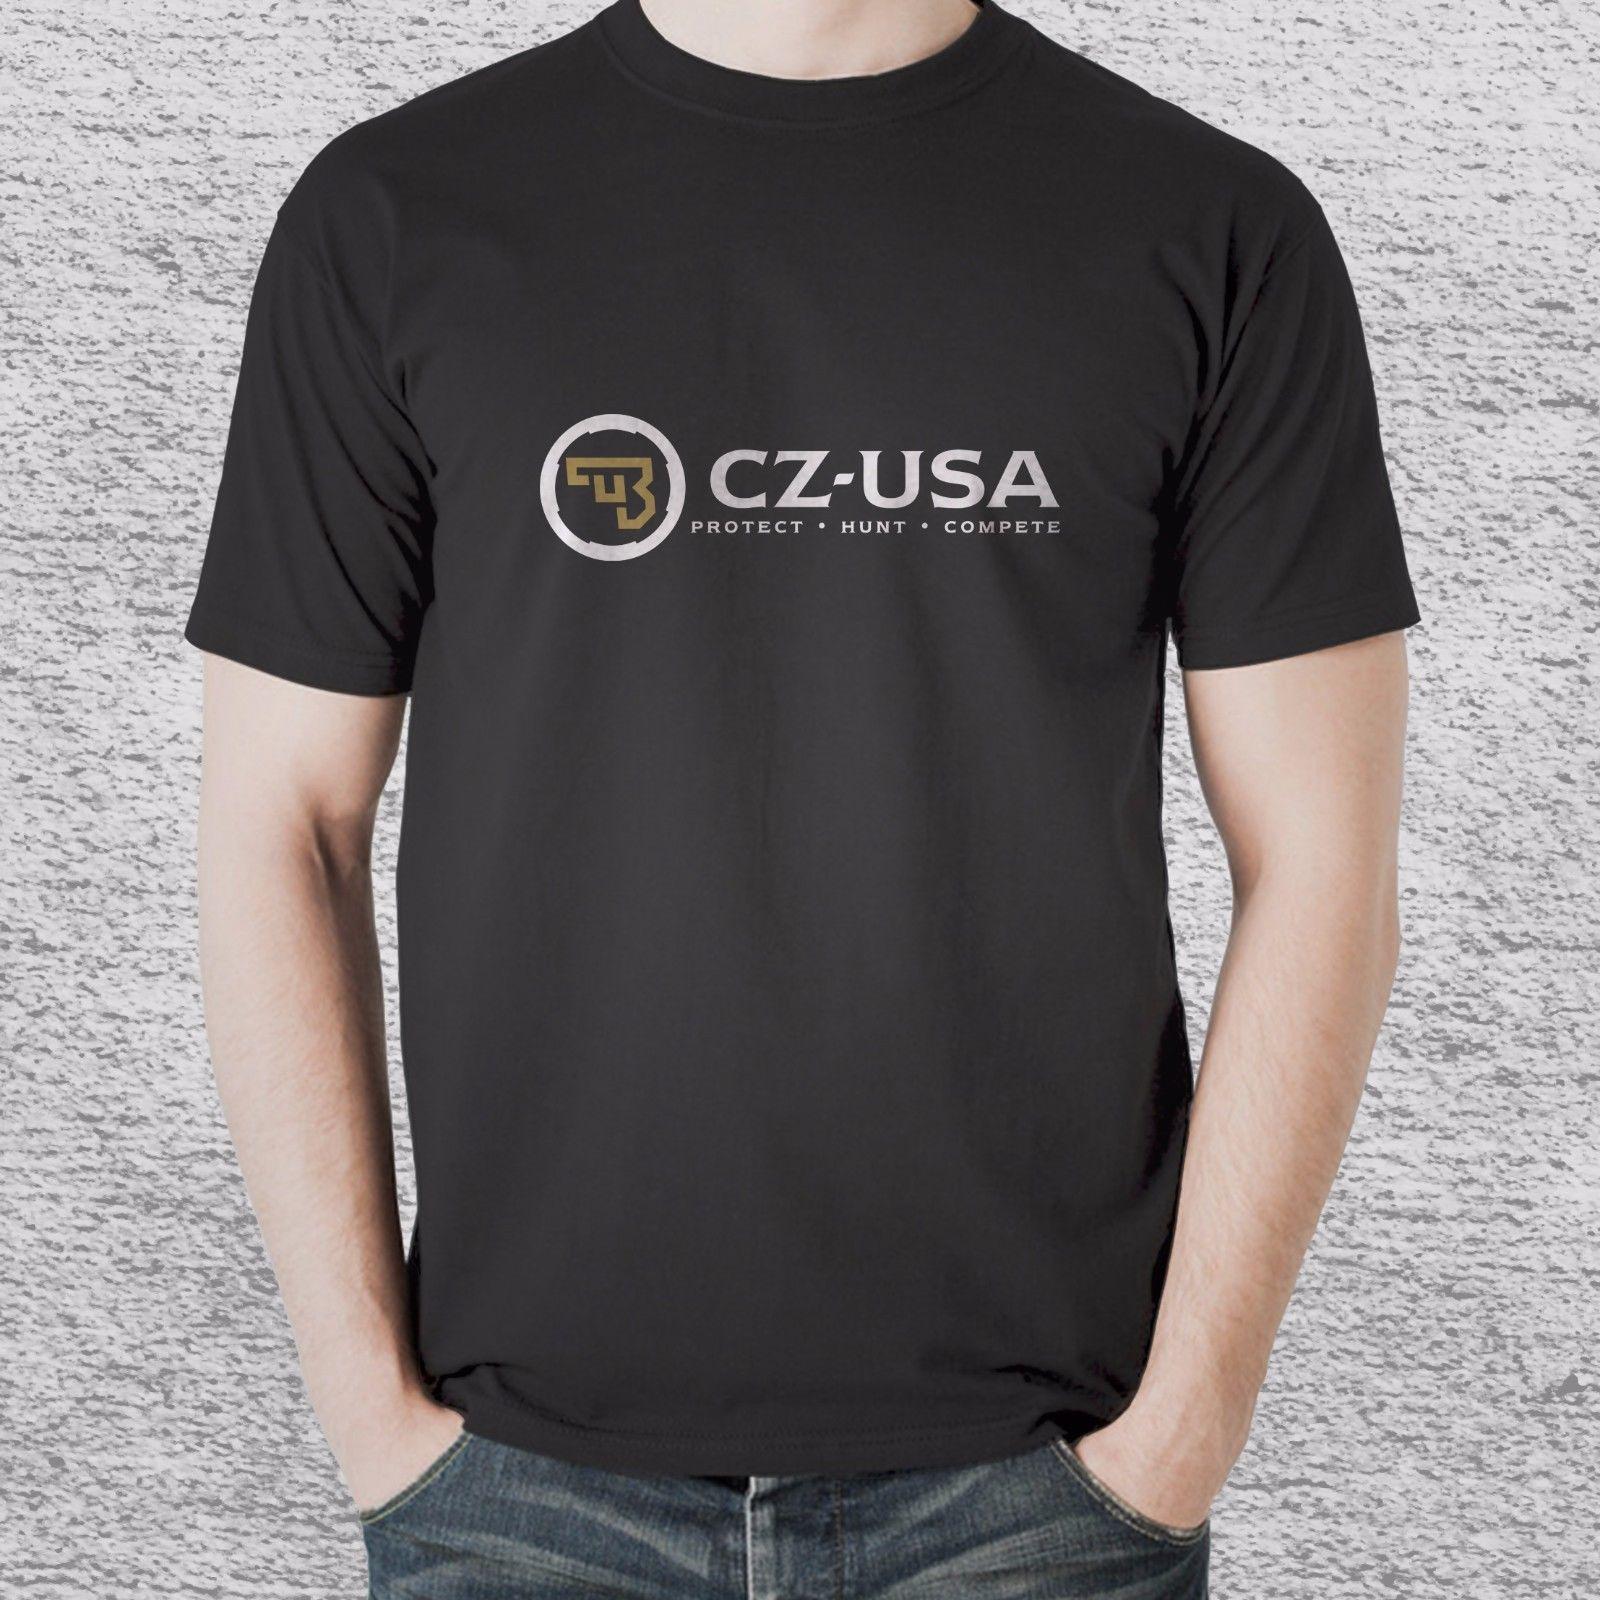 New CZ Ceská Zbrojovka Czech Firearms t shirt tee 2 sides